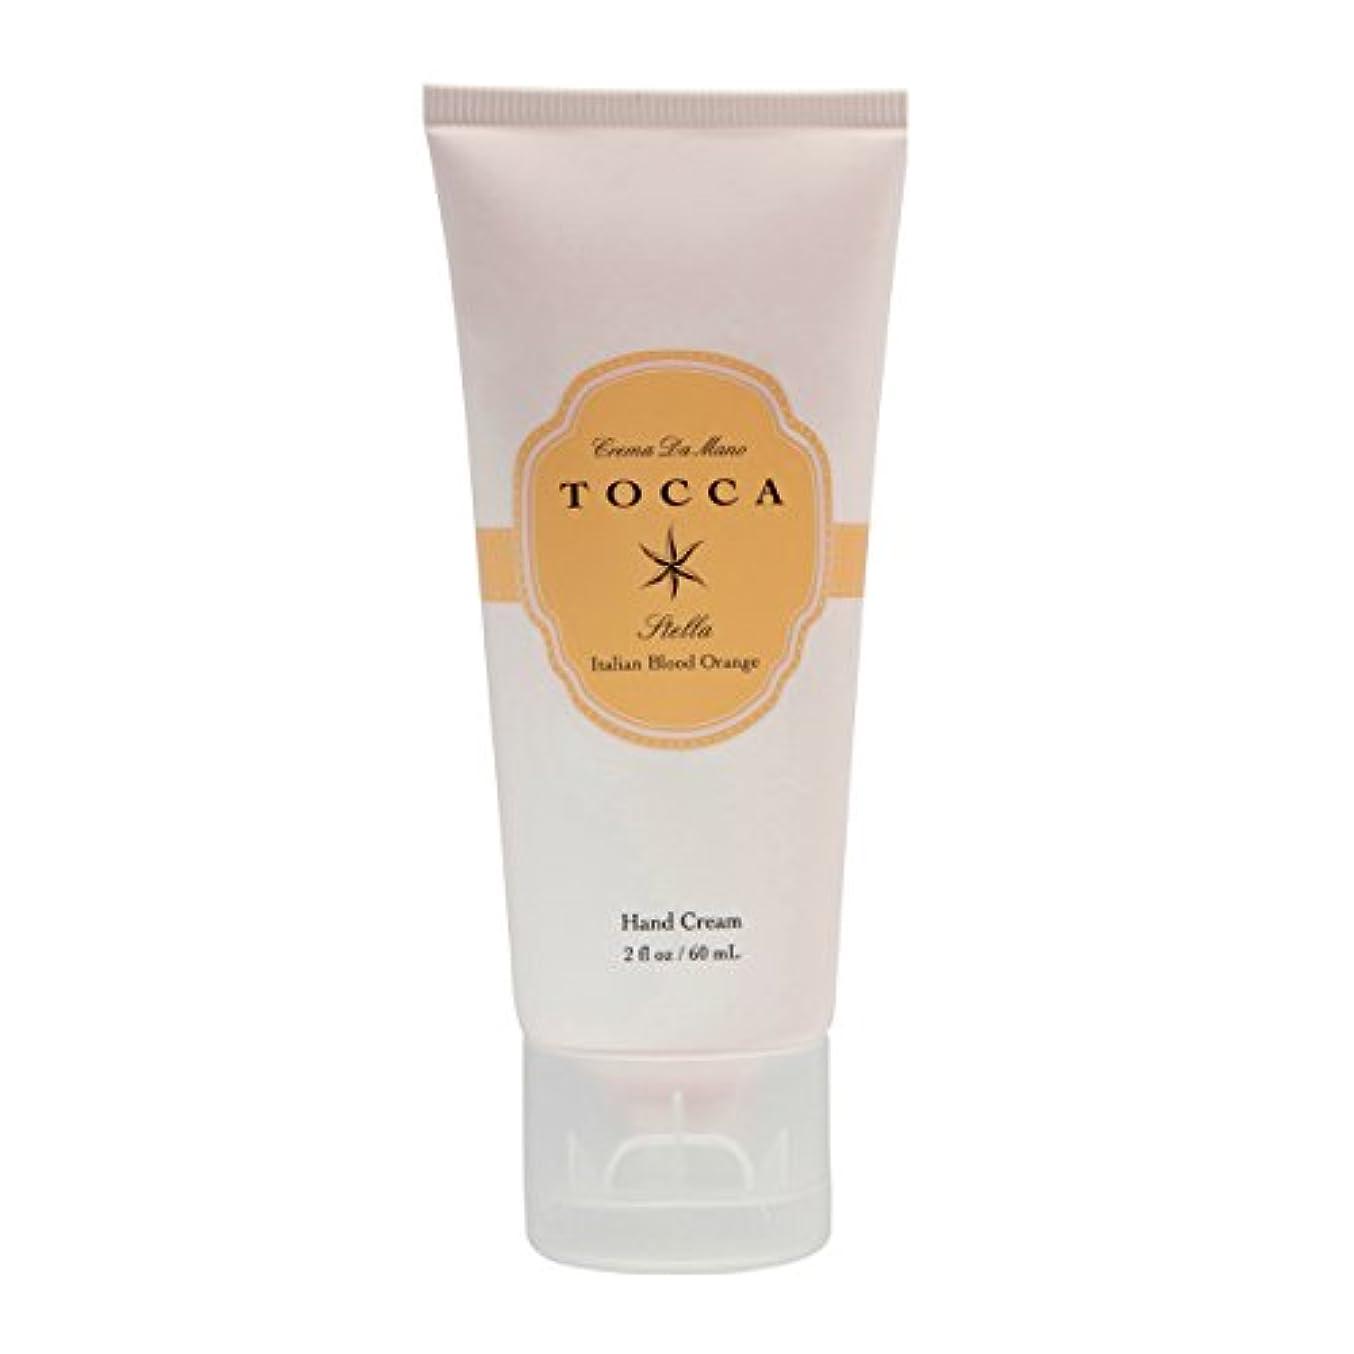 回想スペード注目すべきトッカ(TOCCA) ハンドクリーム  ステラの香り 60ml(手指用保湿 イタリアンブラッドオレンジが奏でるフレッシュでビターな爽やかさ漂う香り)